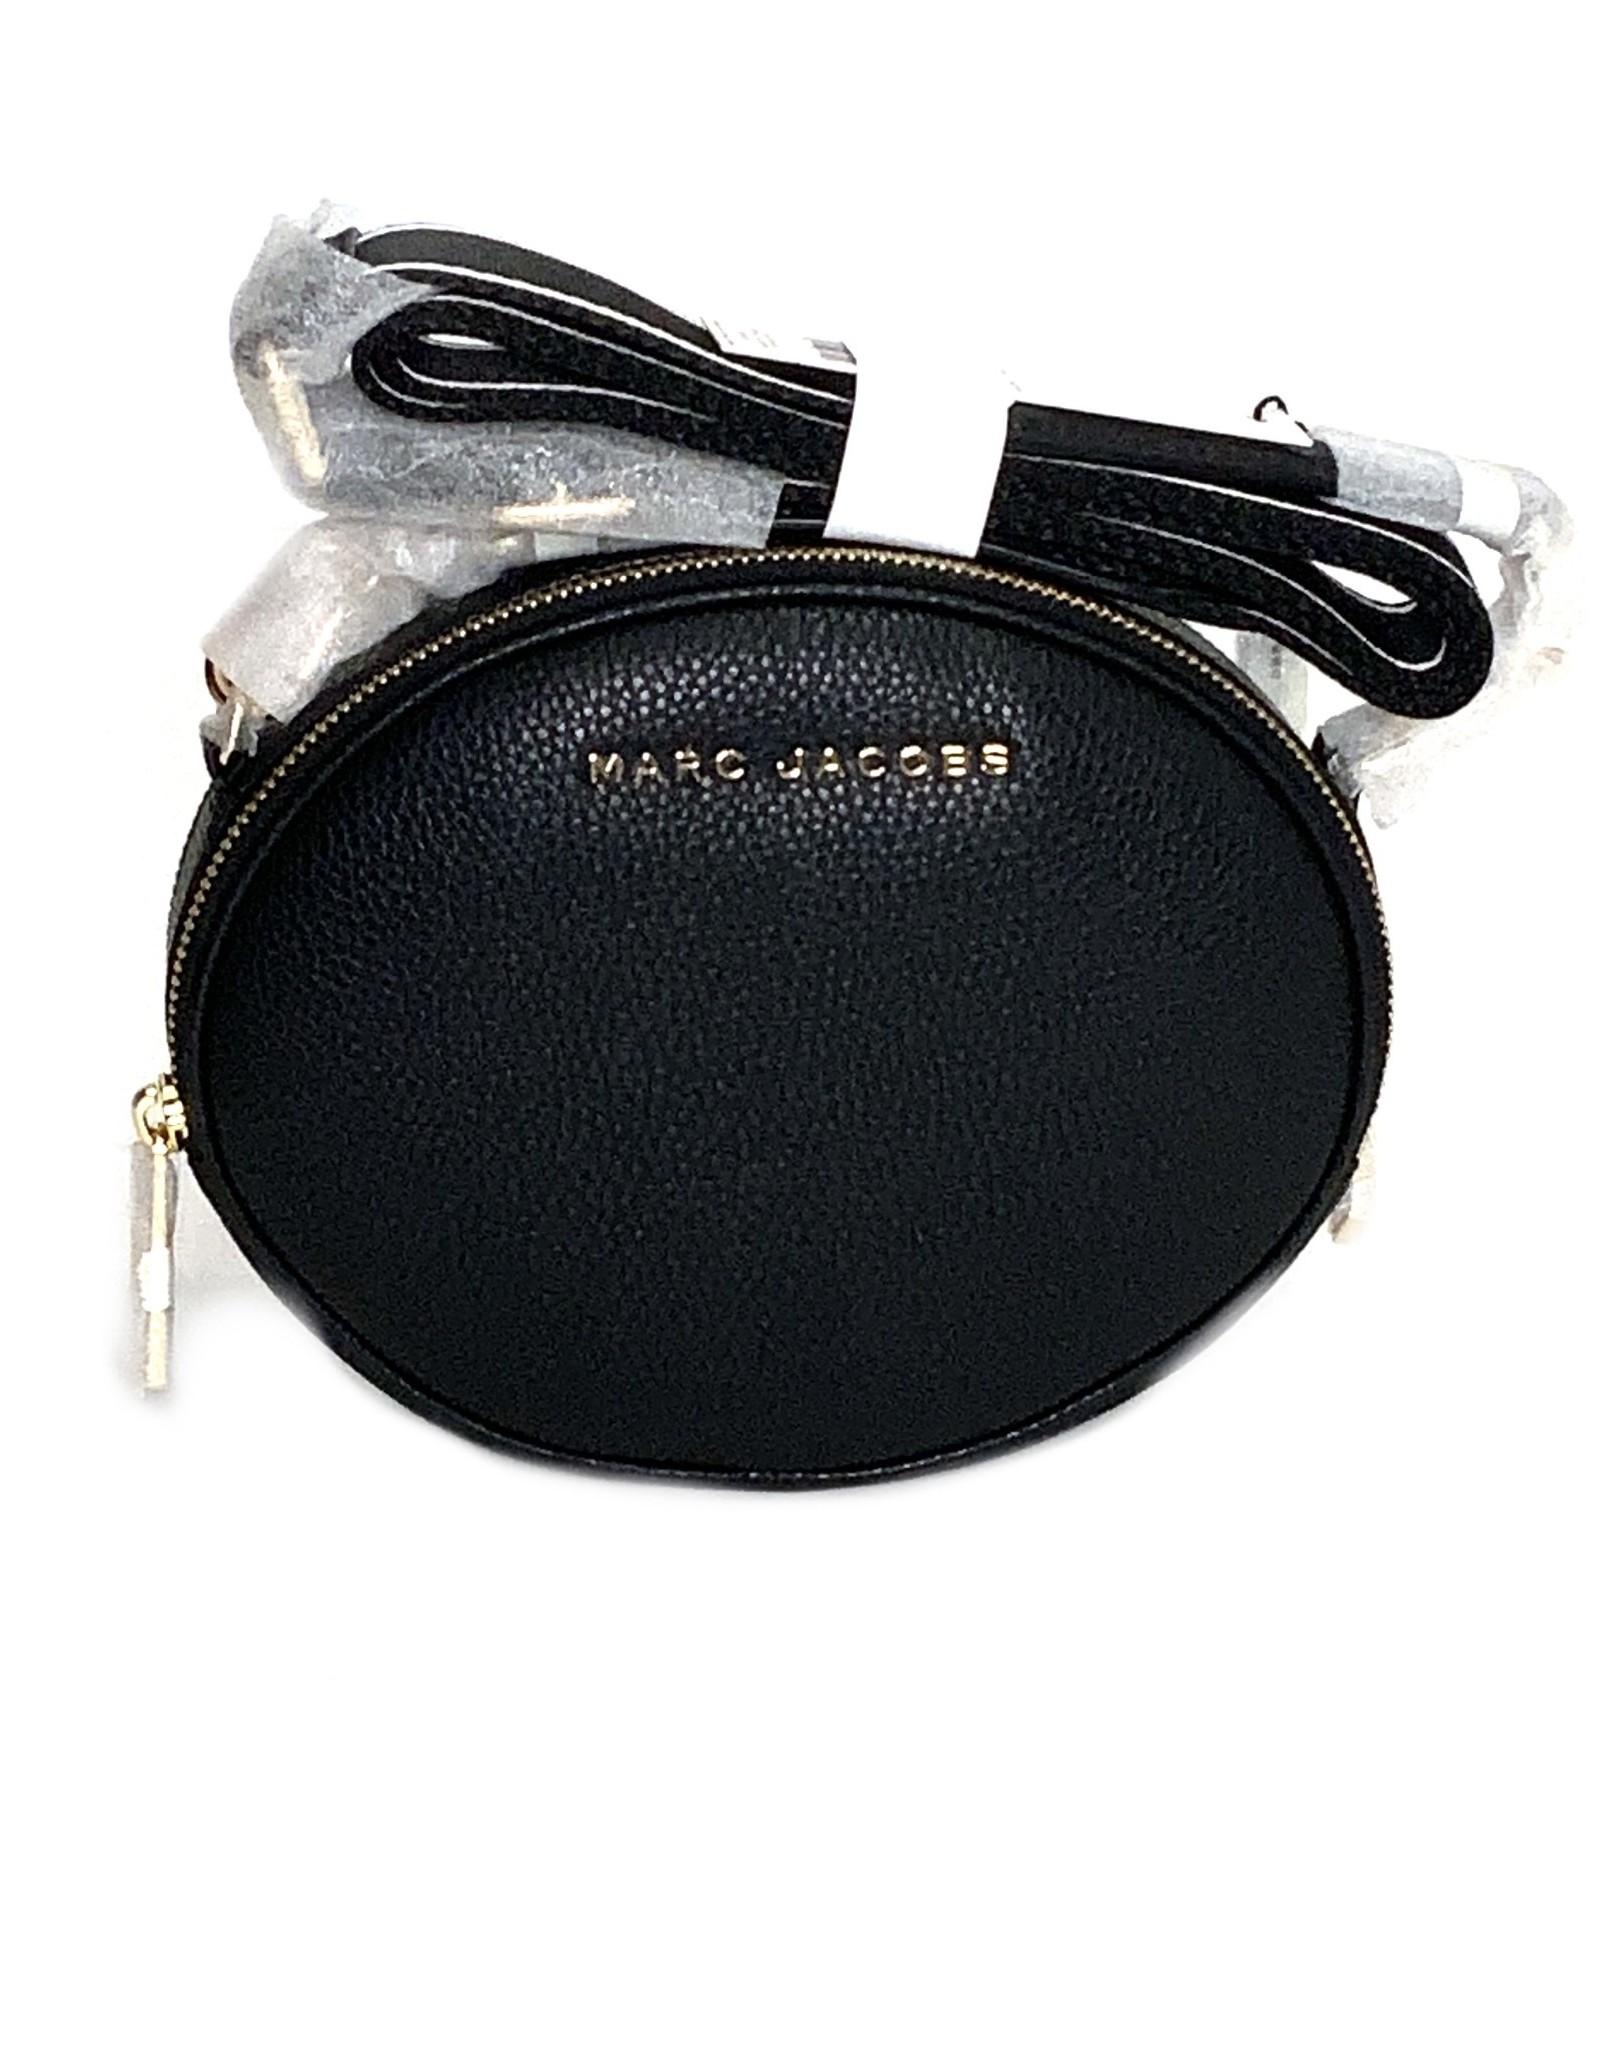 Marc Jacobs Marc Jacobs Crossbody Black